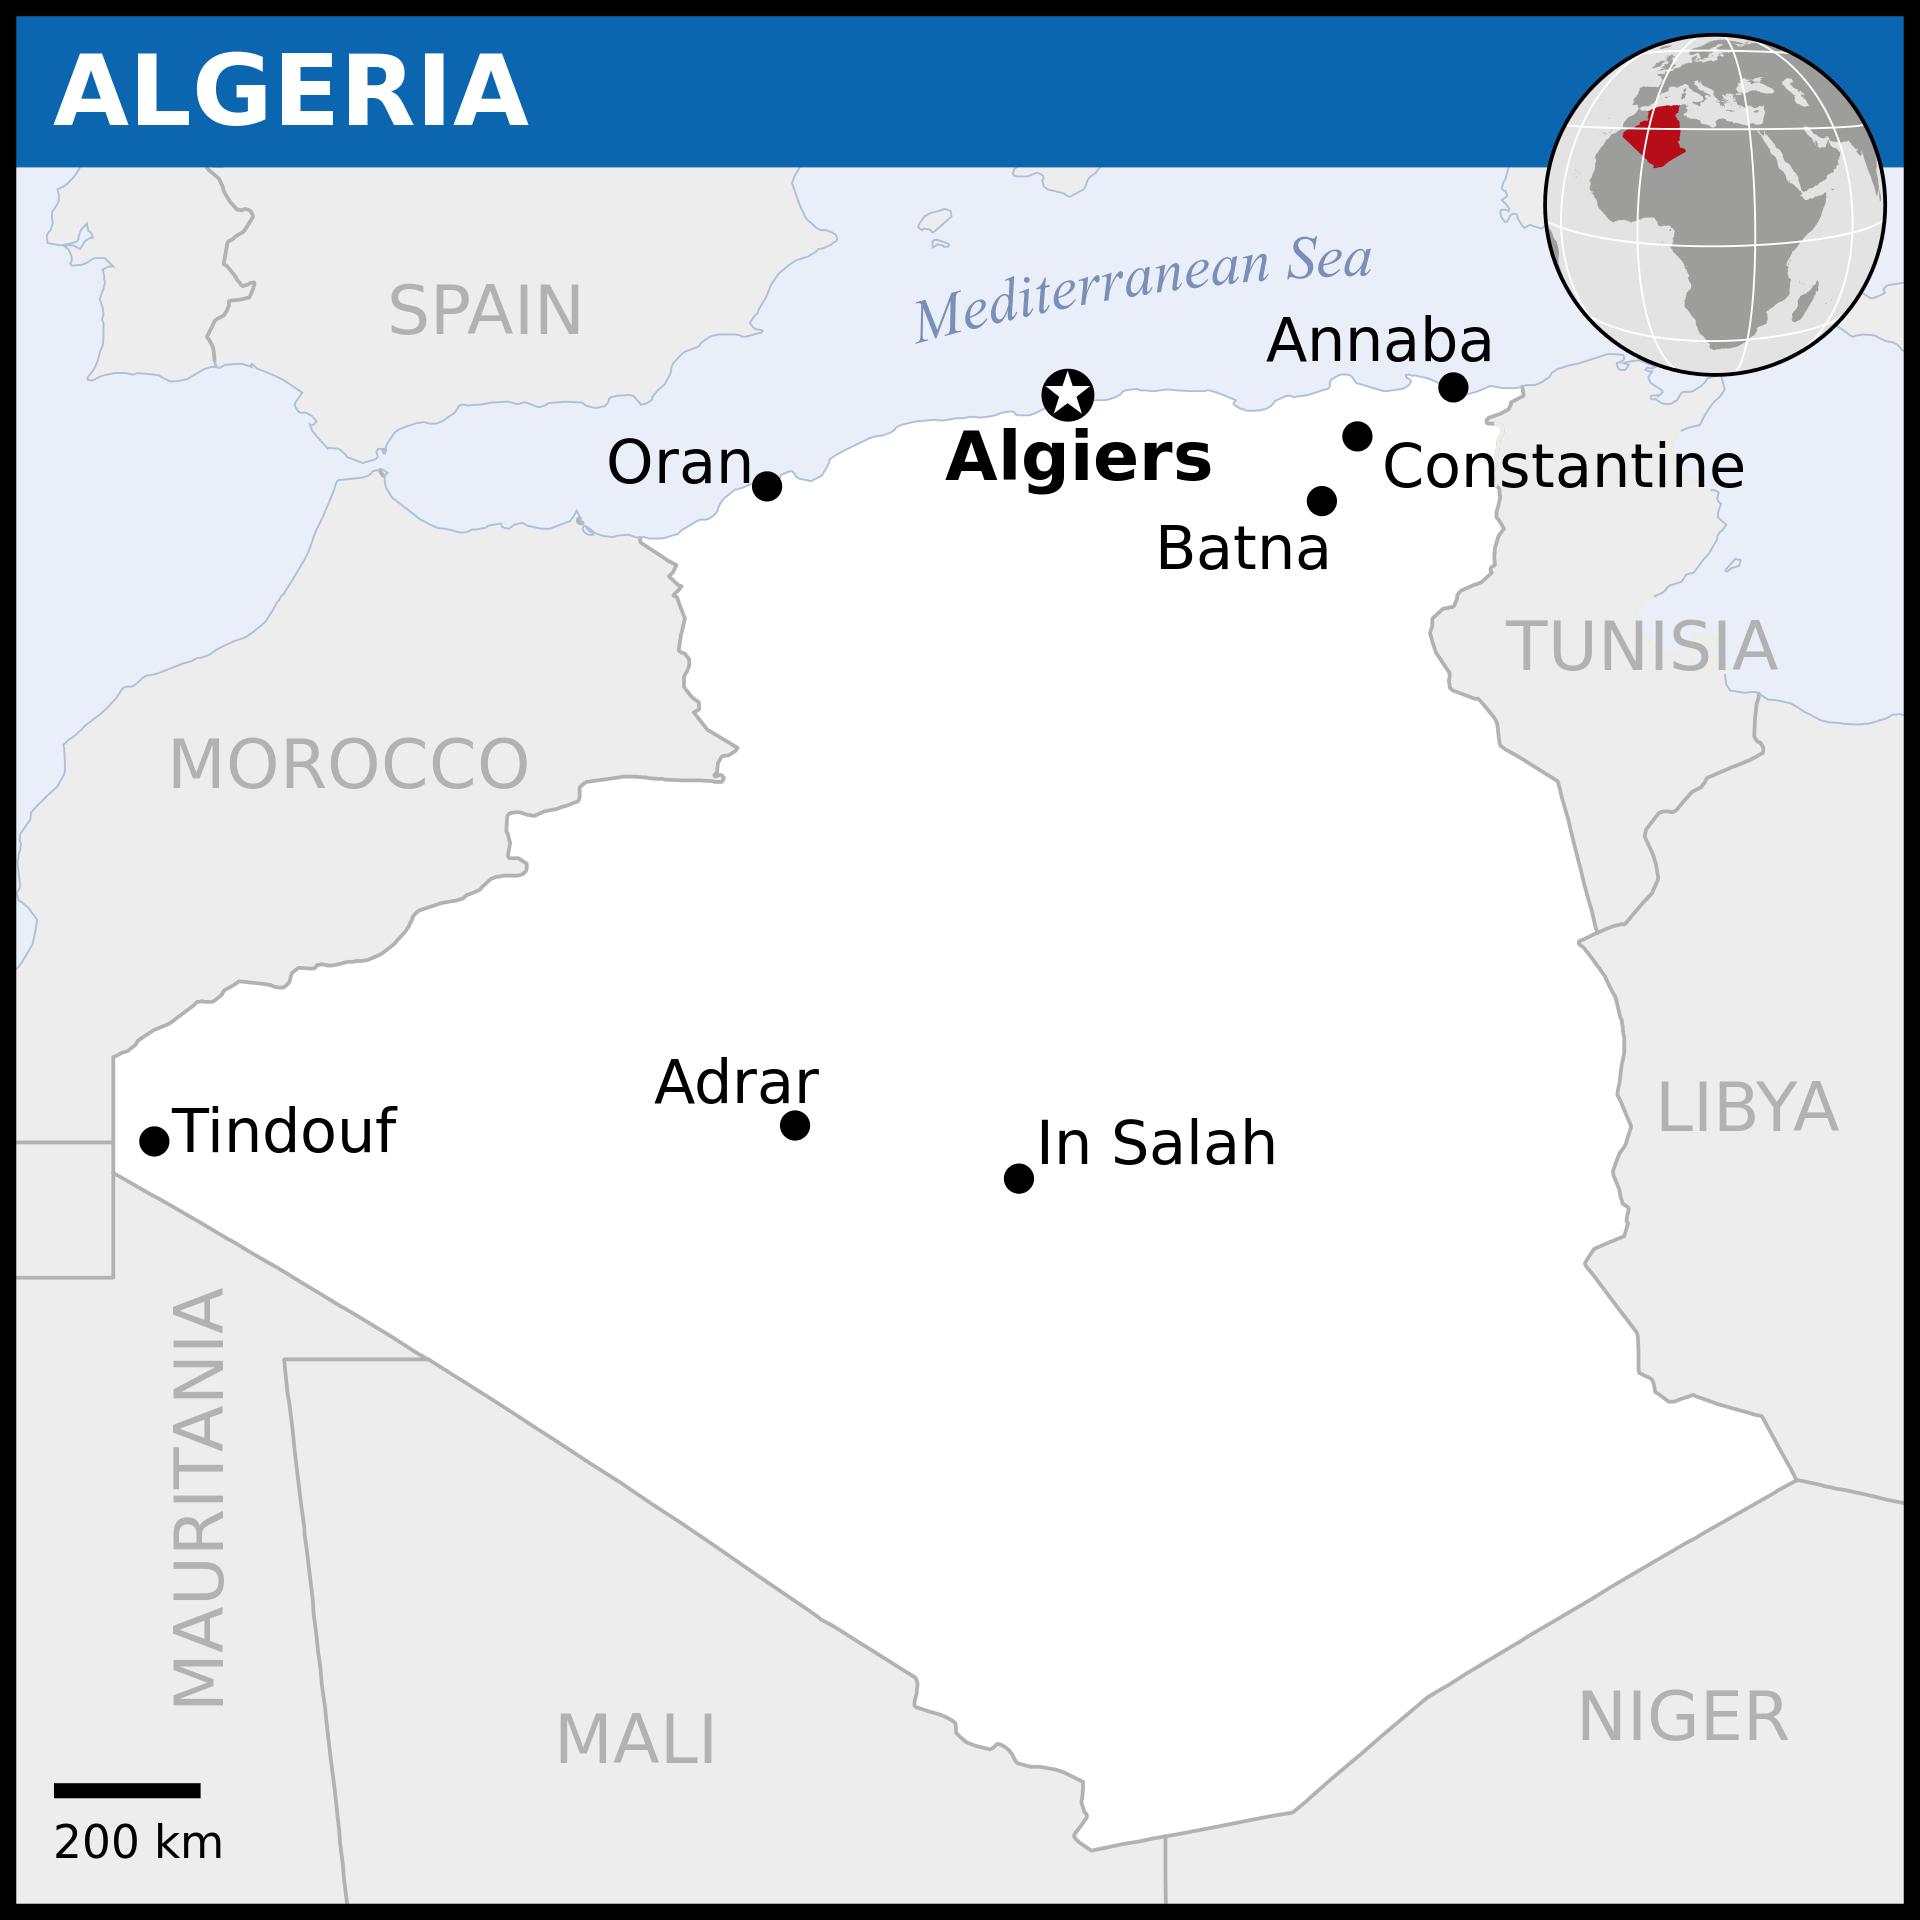 Algeria Wikipedia Civilização, Histórias, Mapa